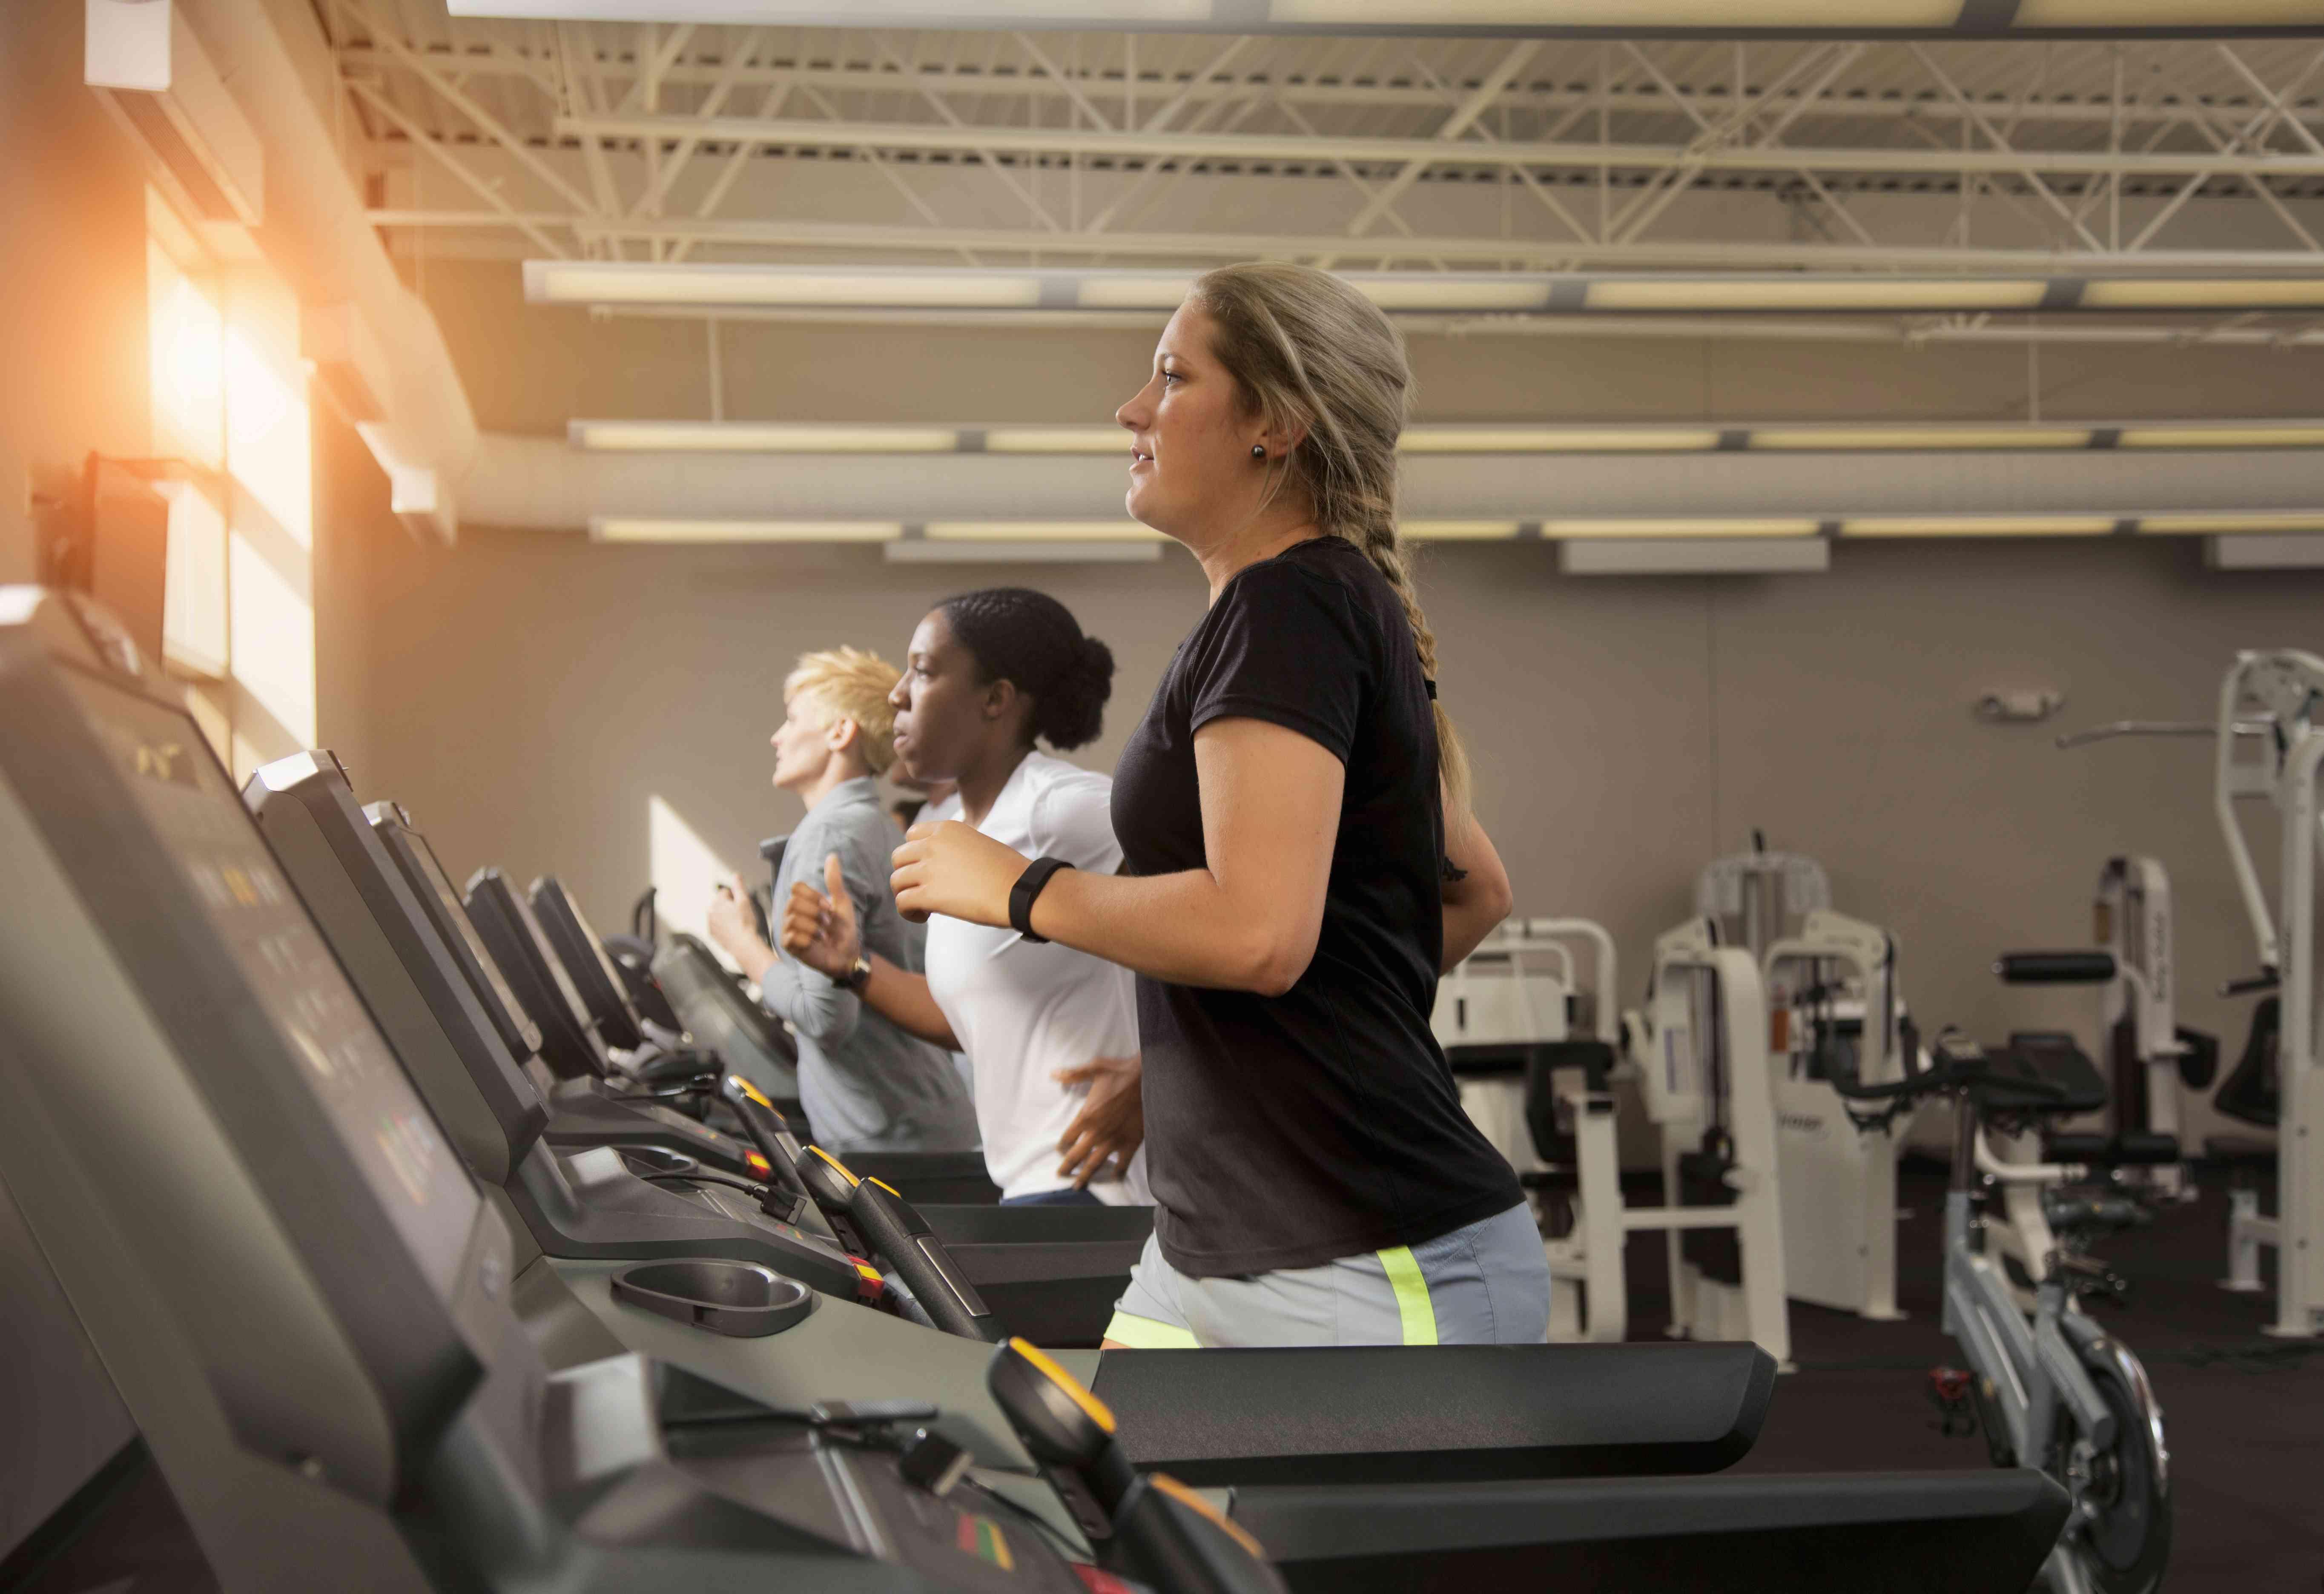 Mujeres en cintas de correr en un gimnasio